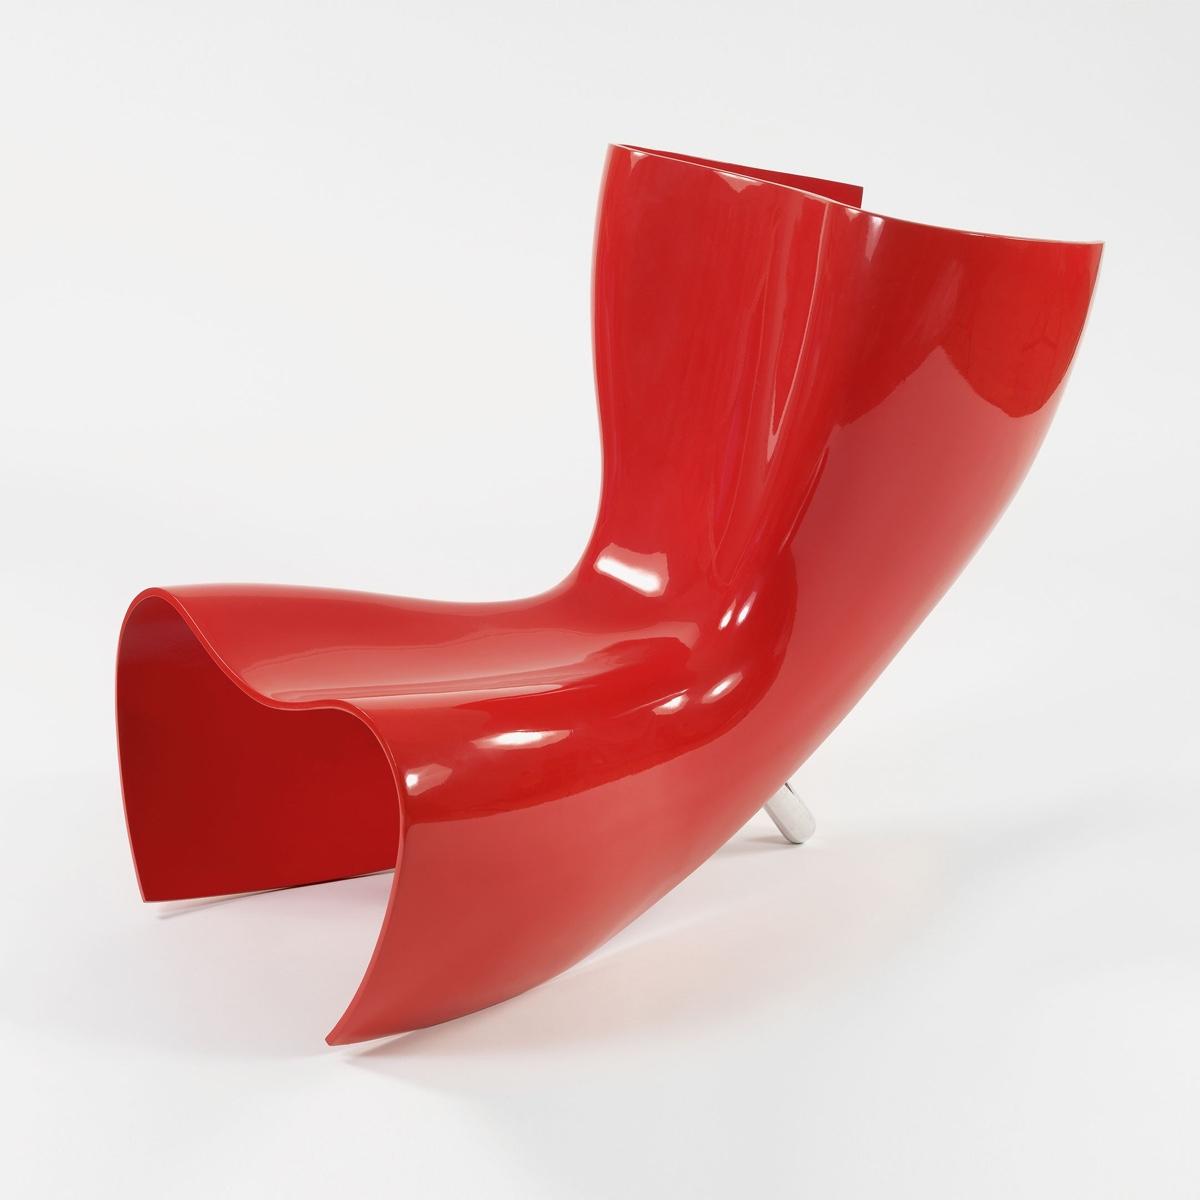 Felt chair byMarc Newson. Image© 2016 Marc Newson Ltd.